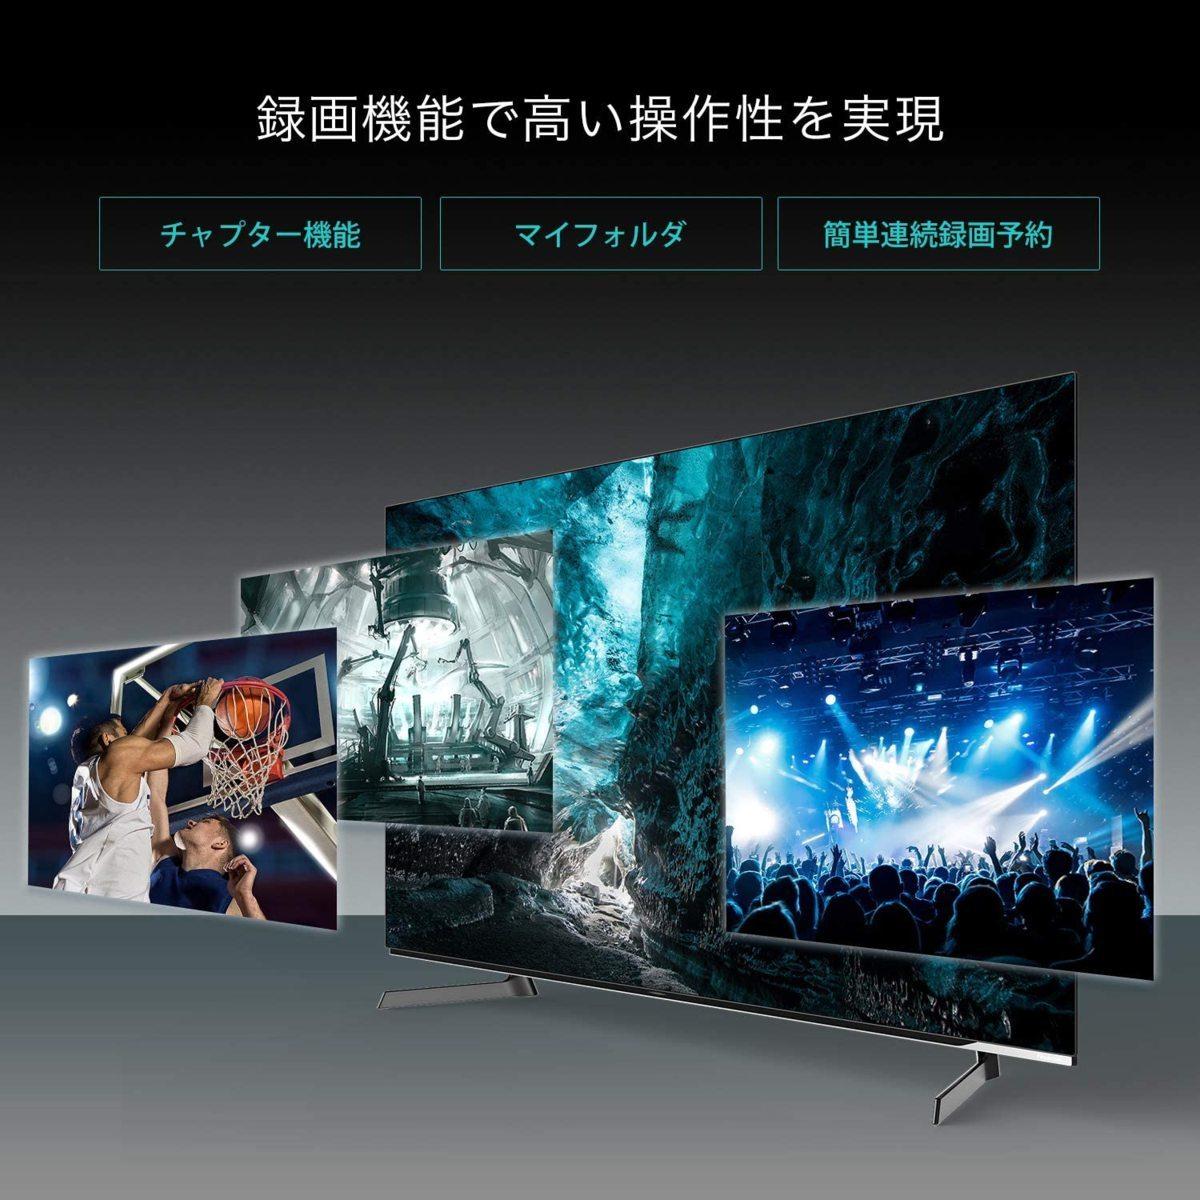 ハイセンス 55V型 4Kチューナー内蔵 有機ELテレビ 55X8F 無線LAN/Eilex PRISM/DOLBY AUDIO/YouTube/Amazonプライム/Netflix 2021/1~3年保証_画像5